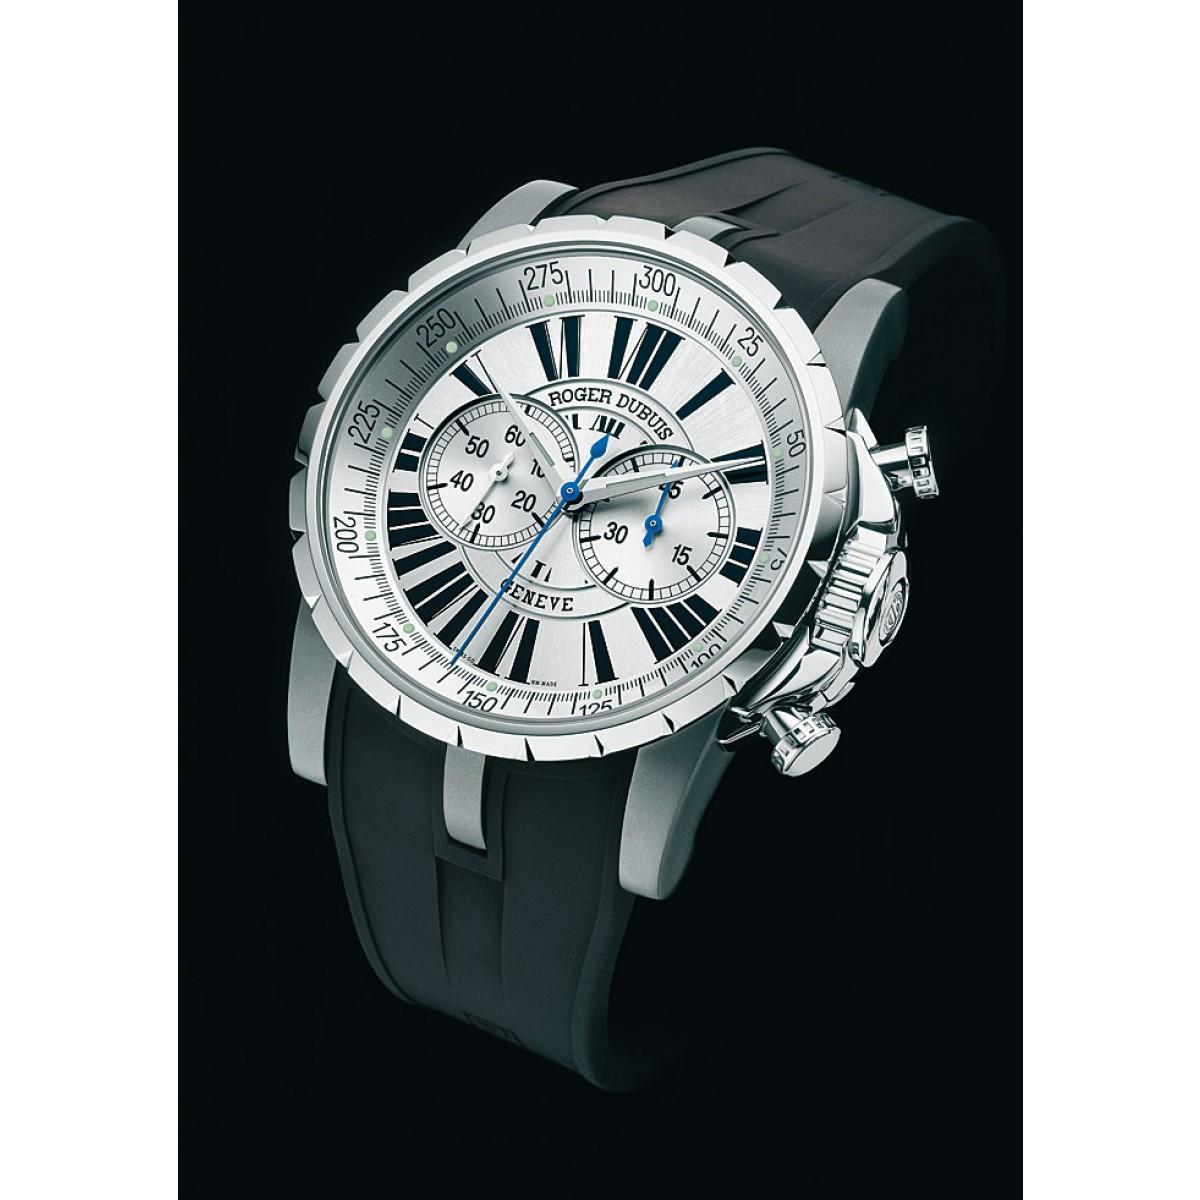 64e38ba5bd7 Relógio Réplica Roger Dubuis Excalibur